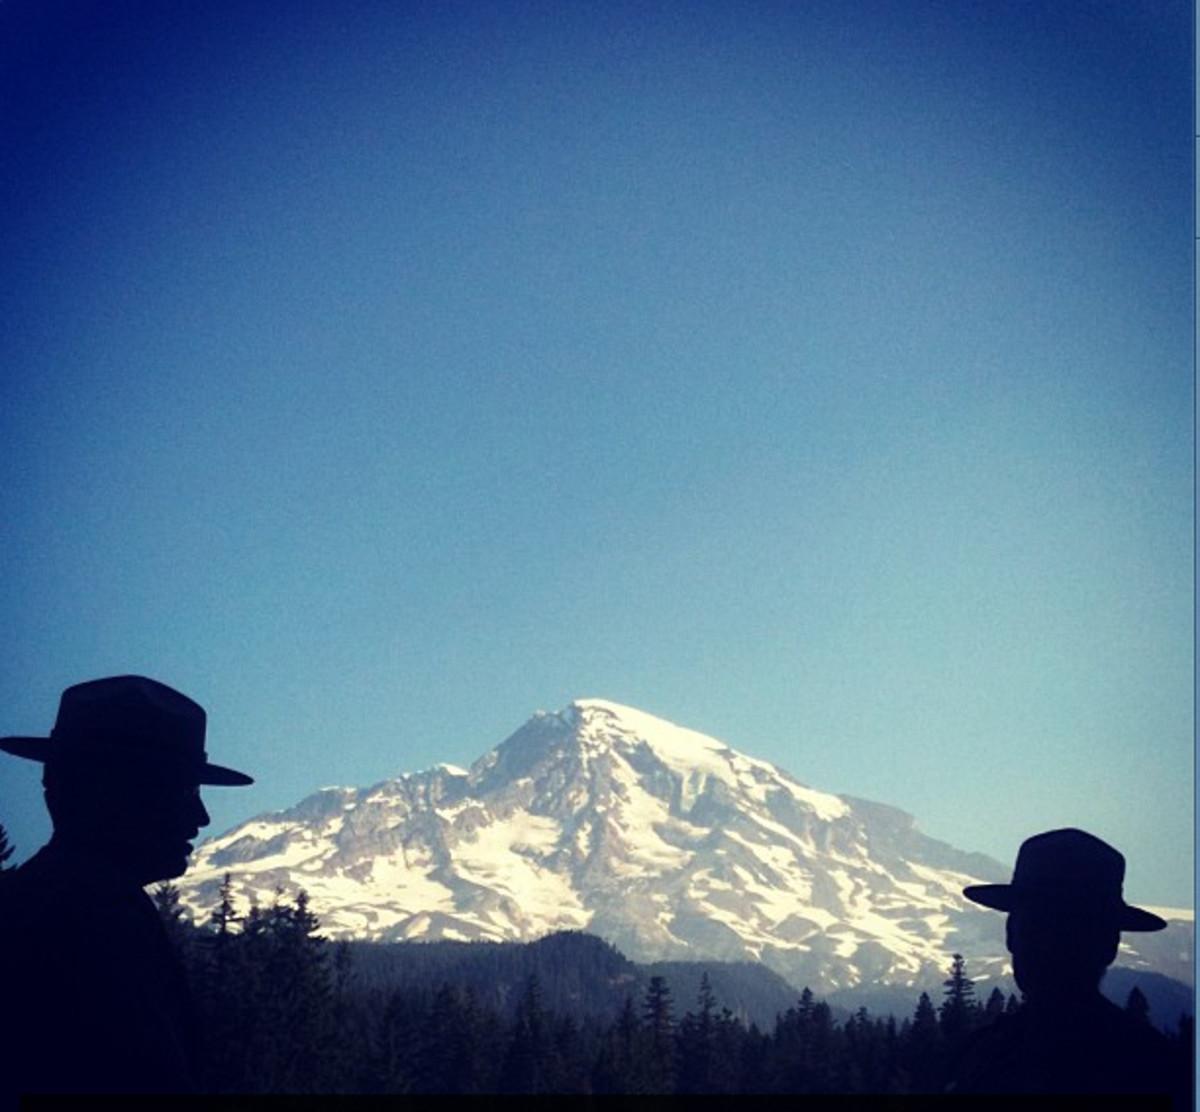 Rangers in Mount Rainier National Park.